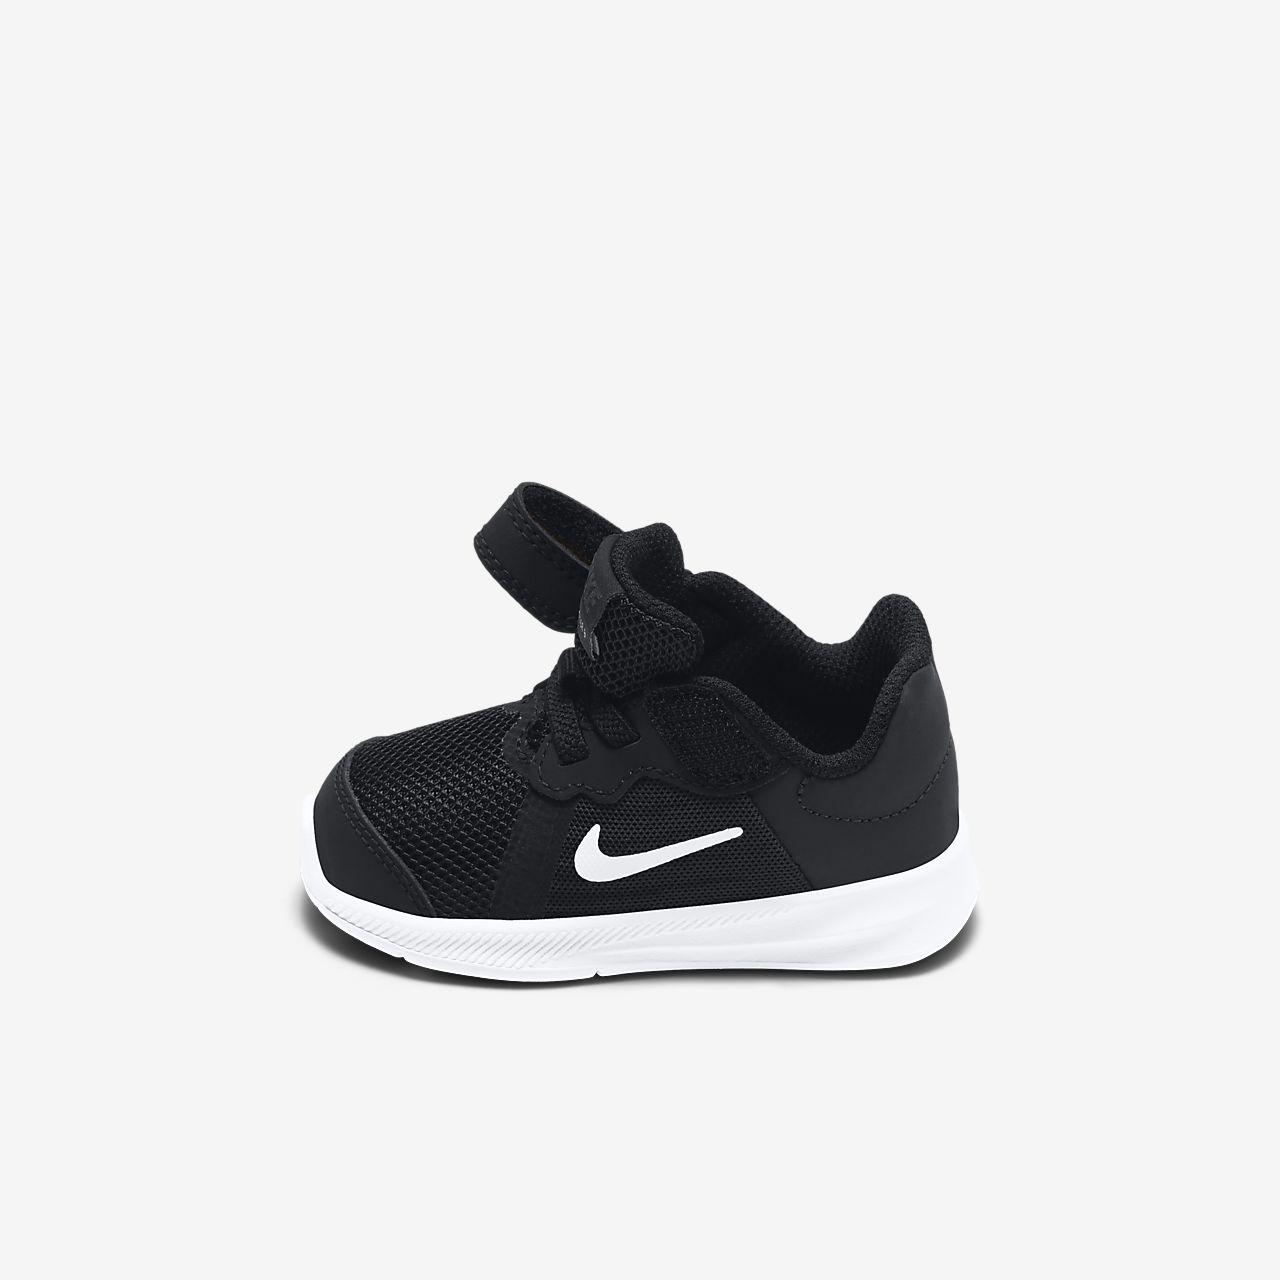 106ff17e5af sko nike downshifter 8 för baby små barn